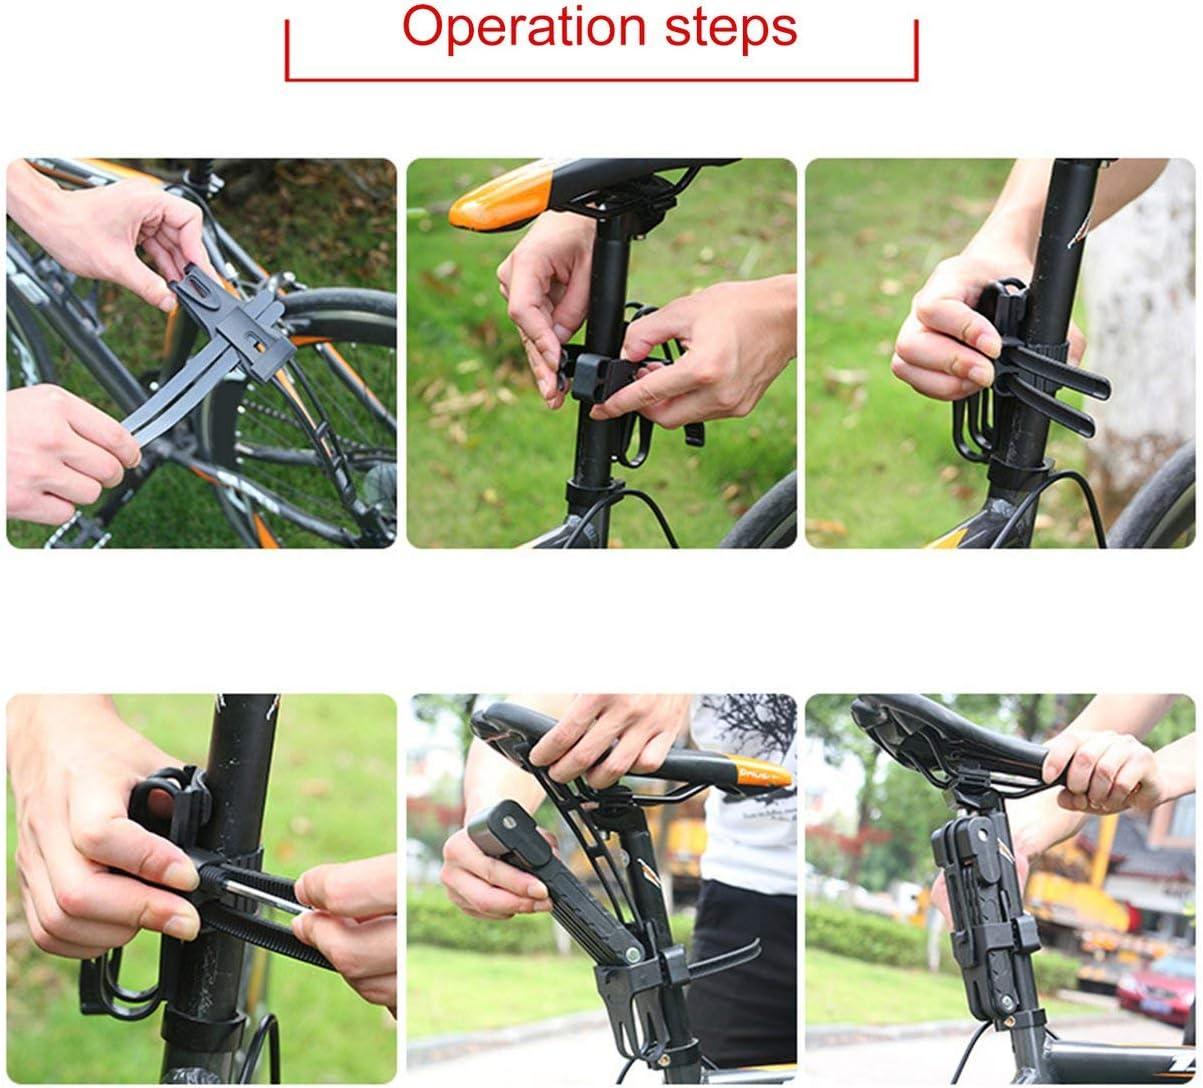 Comomingo Lucchetto Pieghevole antifurto per Bicicletta Anti-cesoia da 12 tonnellate Taglierina idraulica per Bici elettrica Parte della Catena